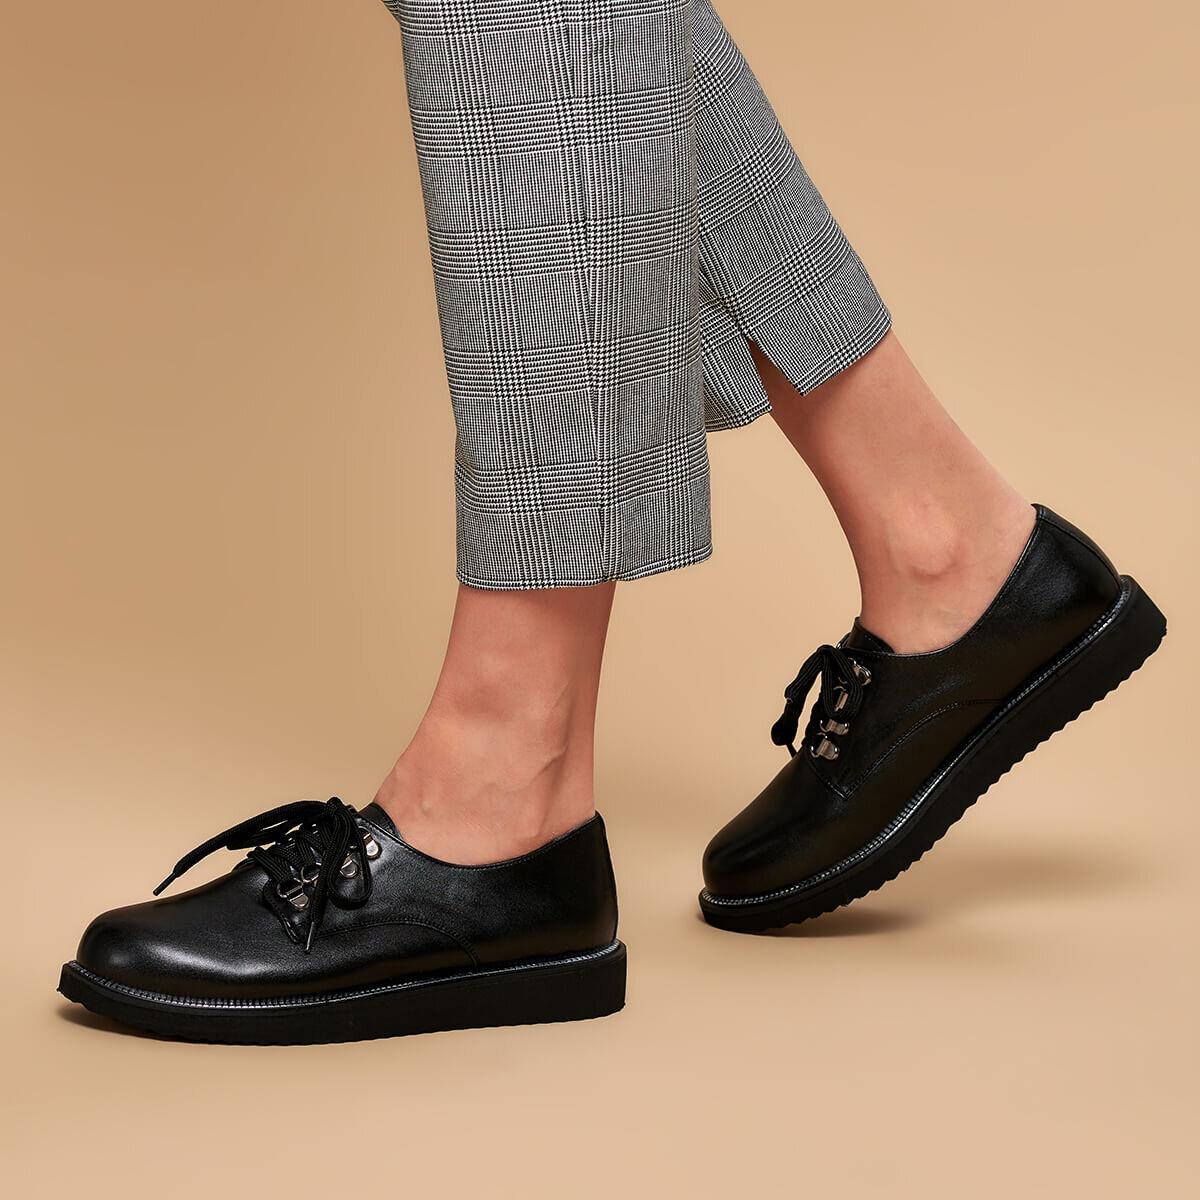 FLO 19K-401 Black Women Oxford Shoes BUTIGO